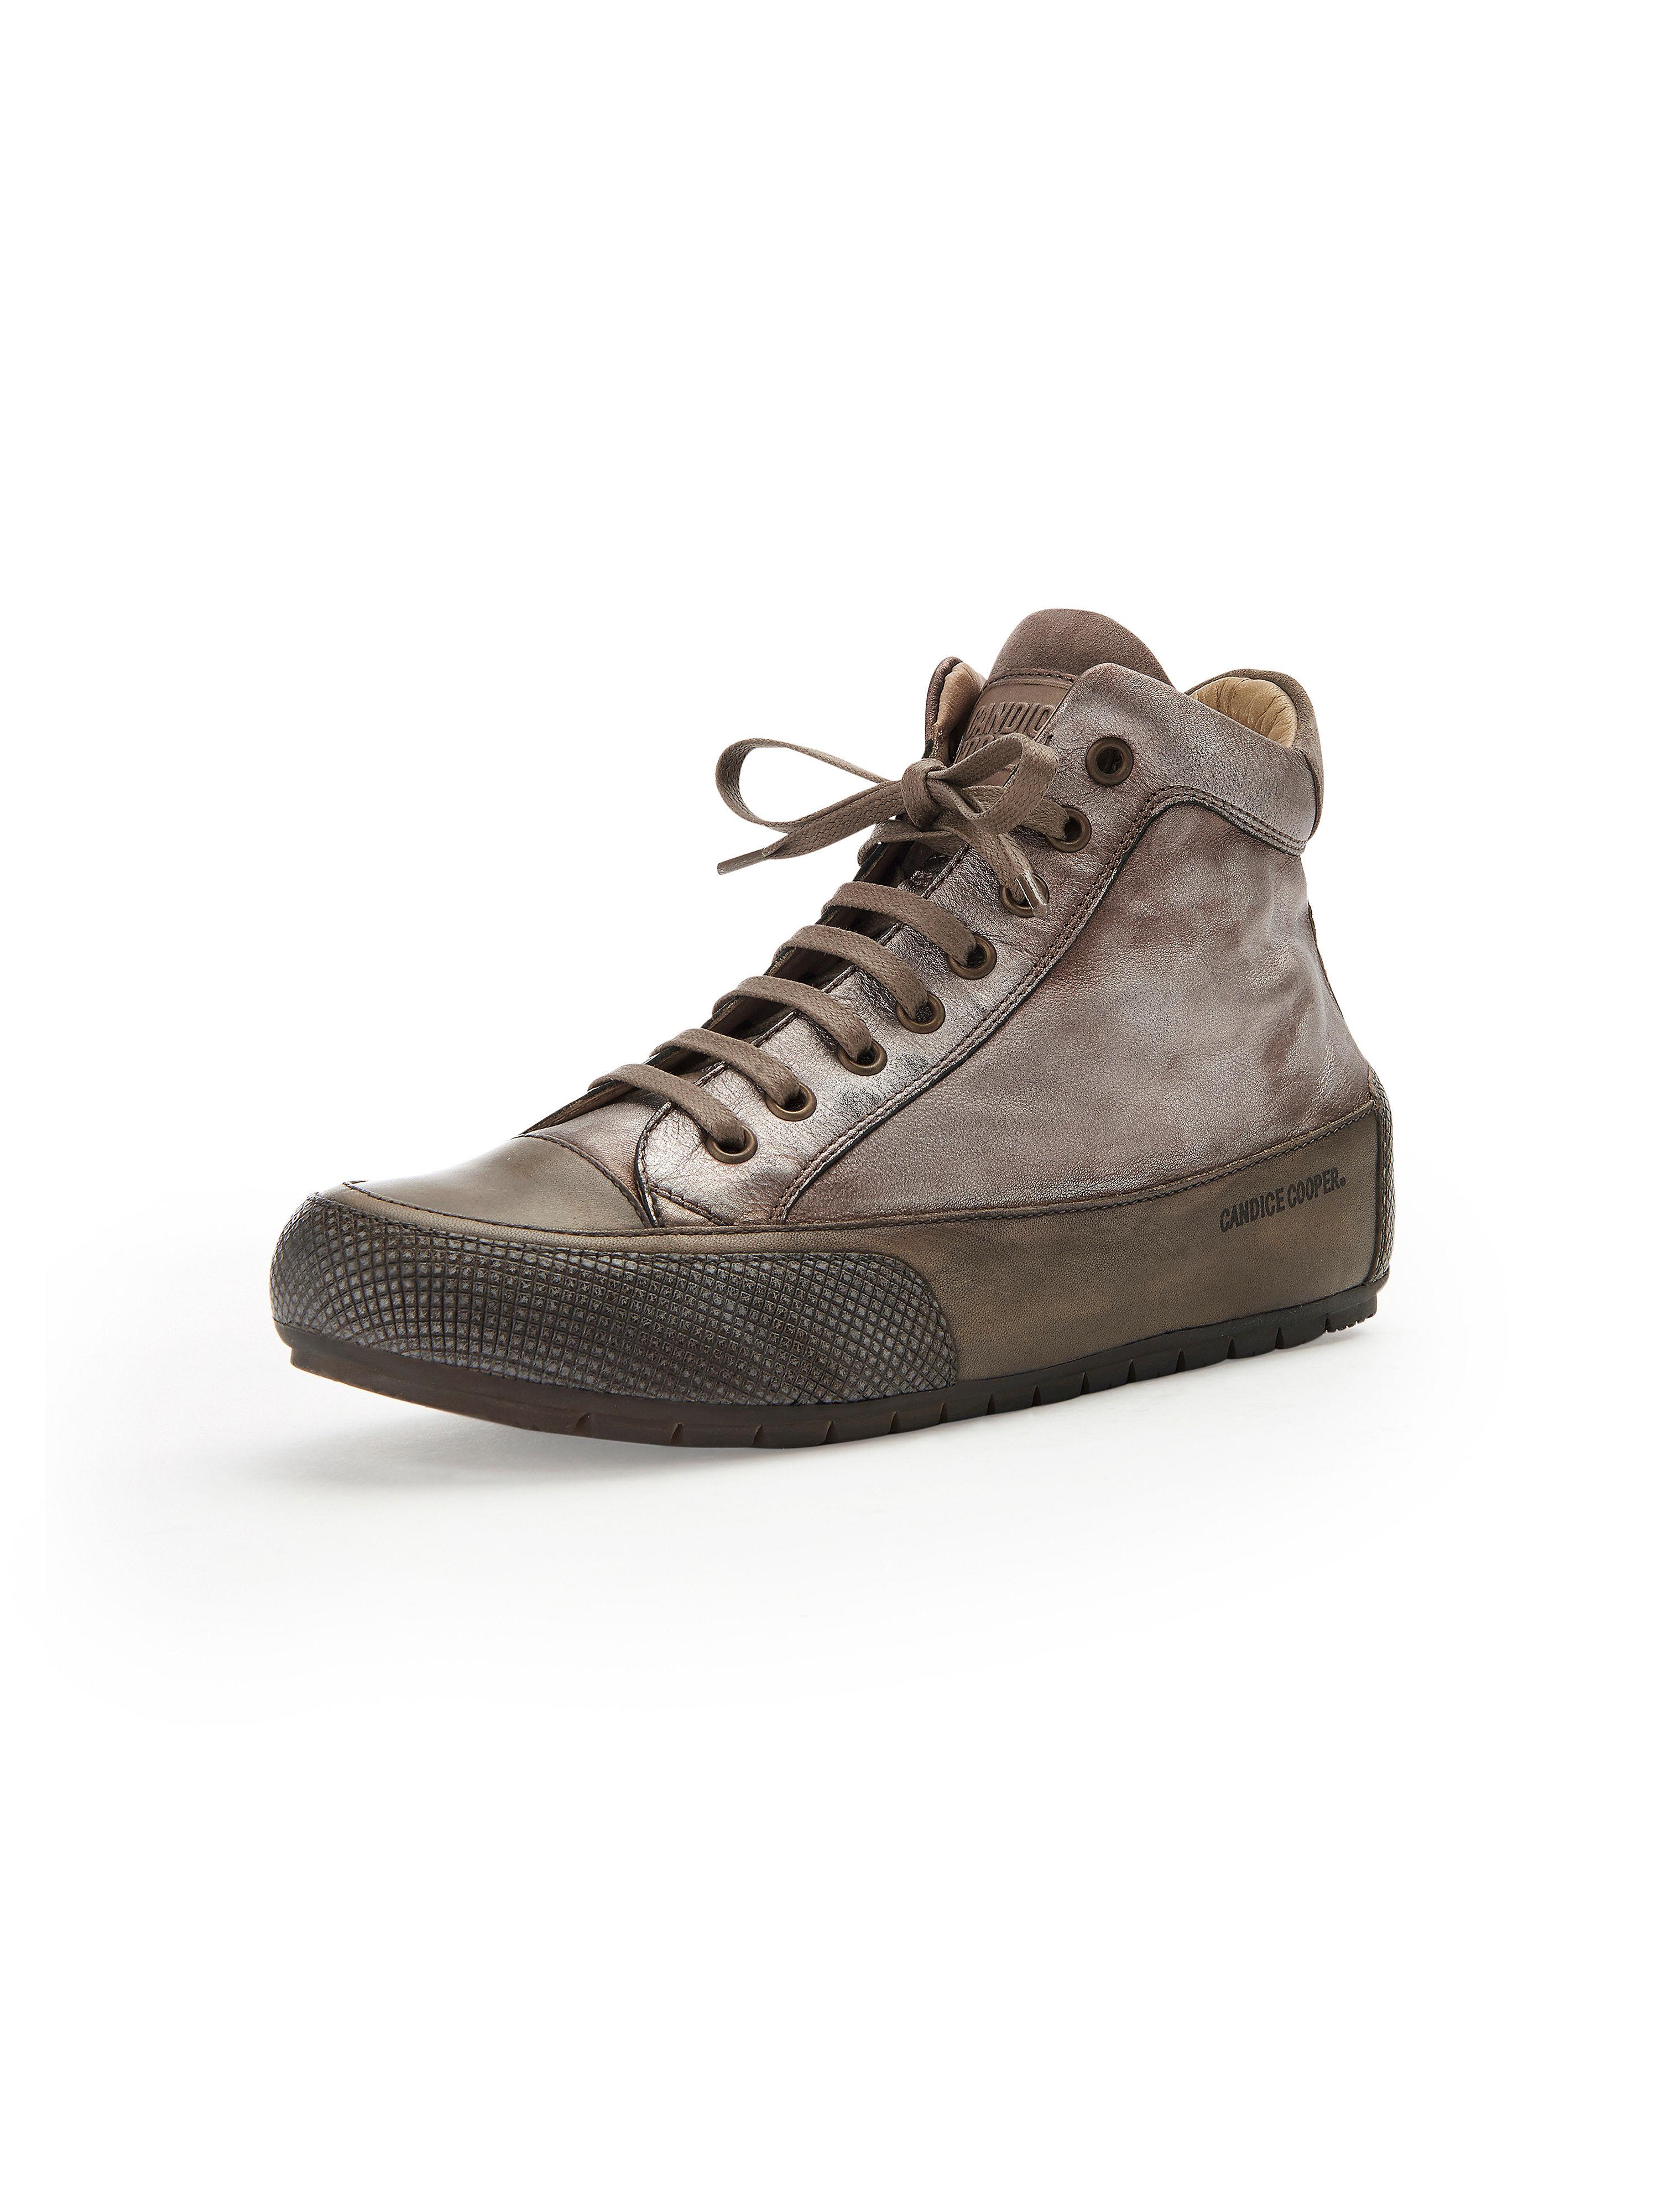 Image of   Ankelhøje sneakers 'Plus Sport' Fra Candice Cooper beige